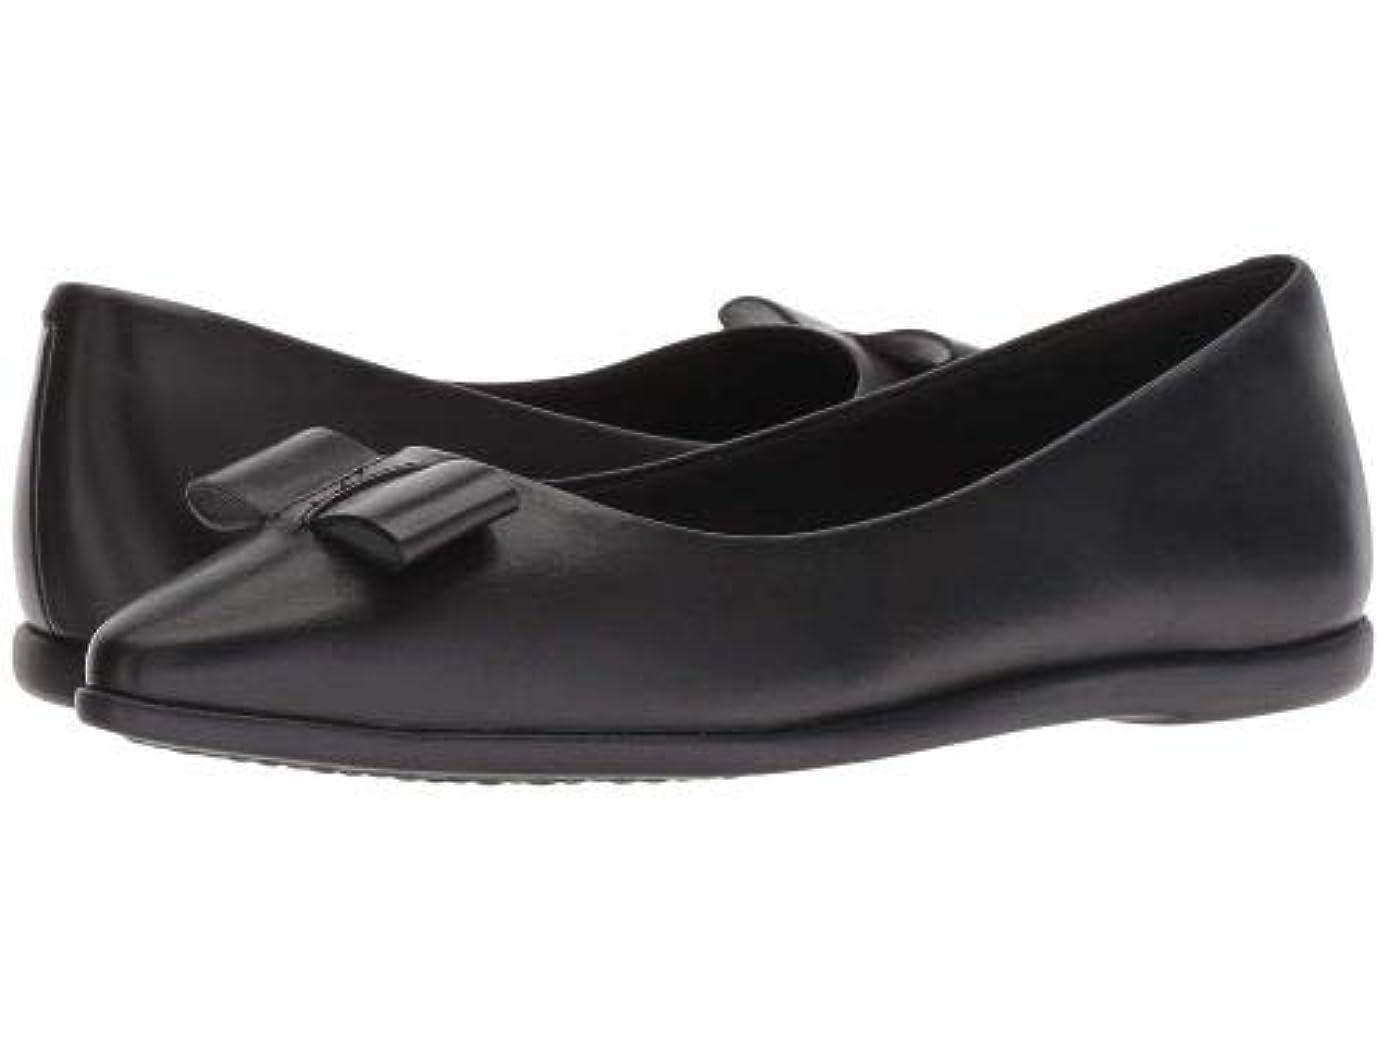 贅沢なビュッフェ動的Cole Haan(コールハーン) レディース 女性用 シューズ 靴 フラット 3.Zerogrand Bow Skimmer - Black Leather [並行輸入品]